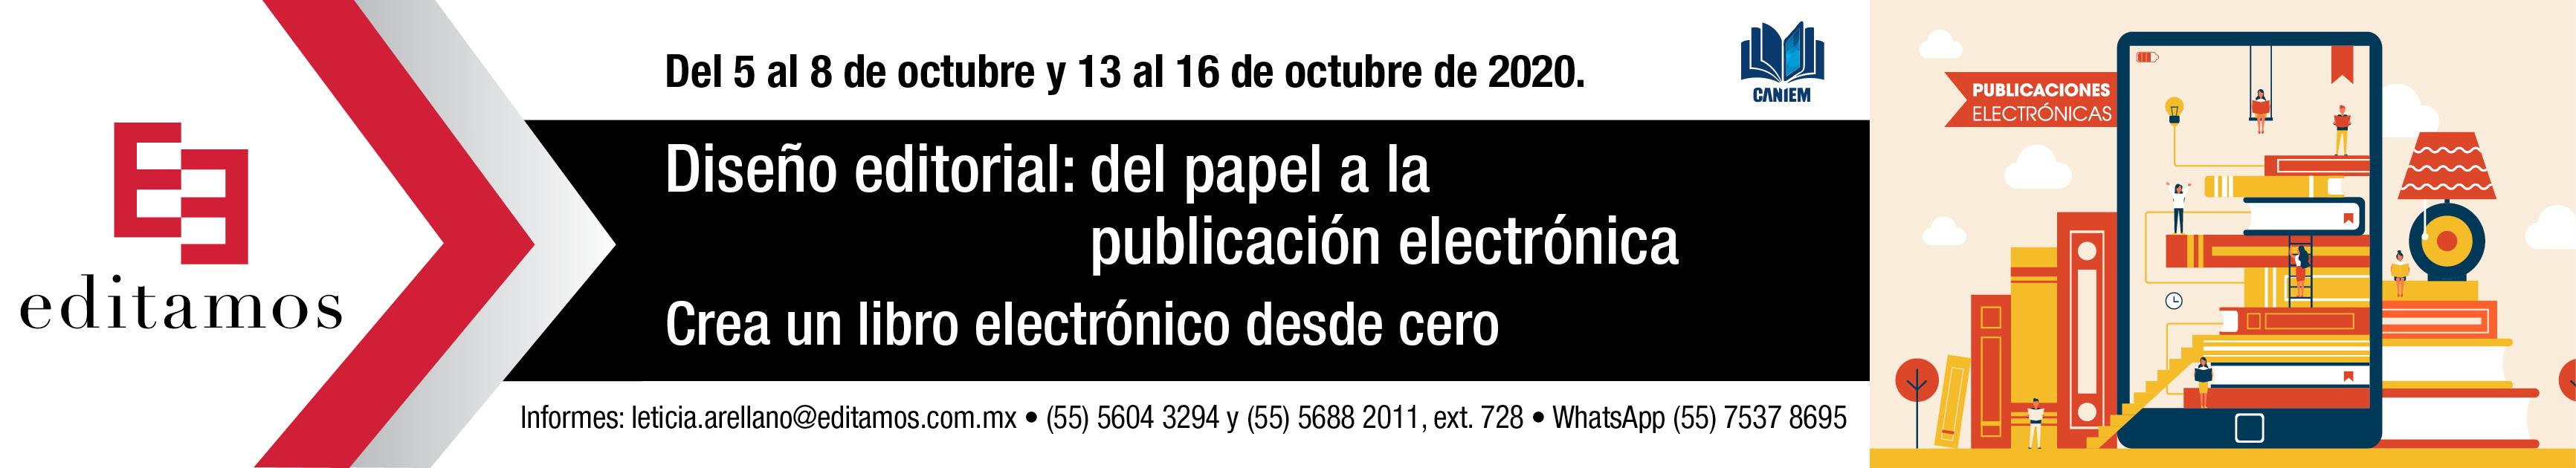 Diseño_Editorial_Carrusel